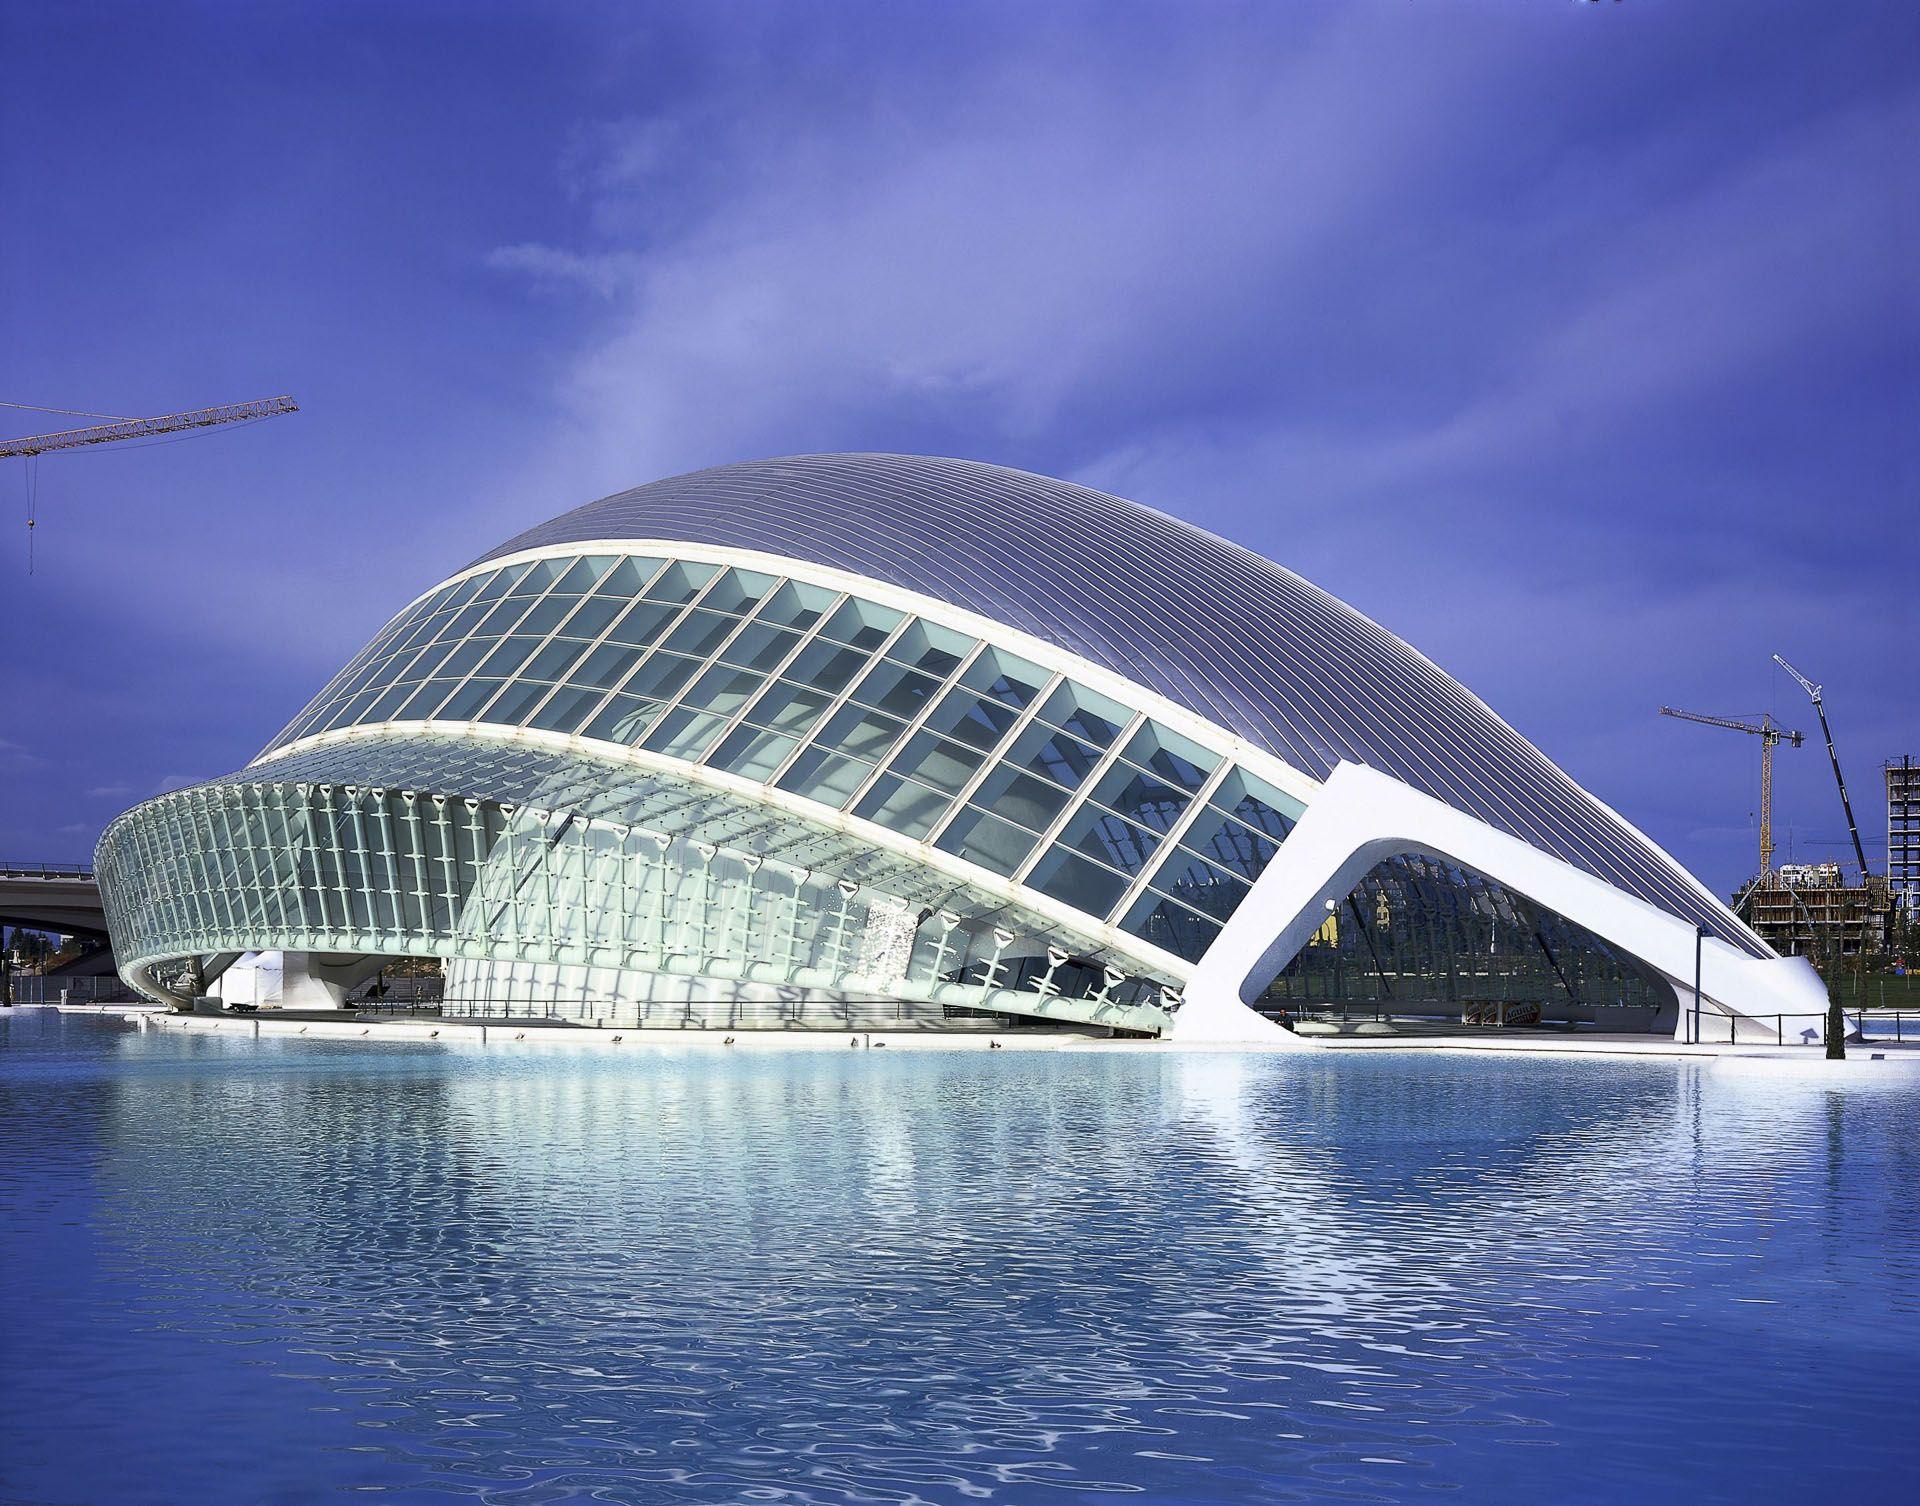 Http Www Calatrava Com Projects Ciudad De Las Artes Y De Las Ciencias Valencia Html View Mode Gallery Ciudad De Las Artes Ciudades Santiago Calatrava